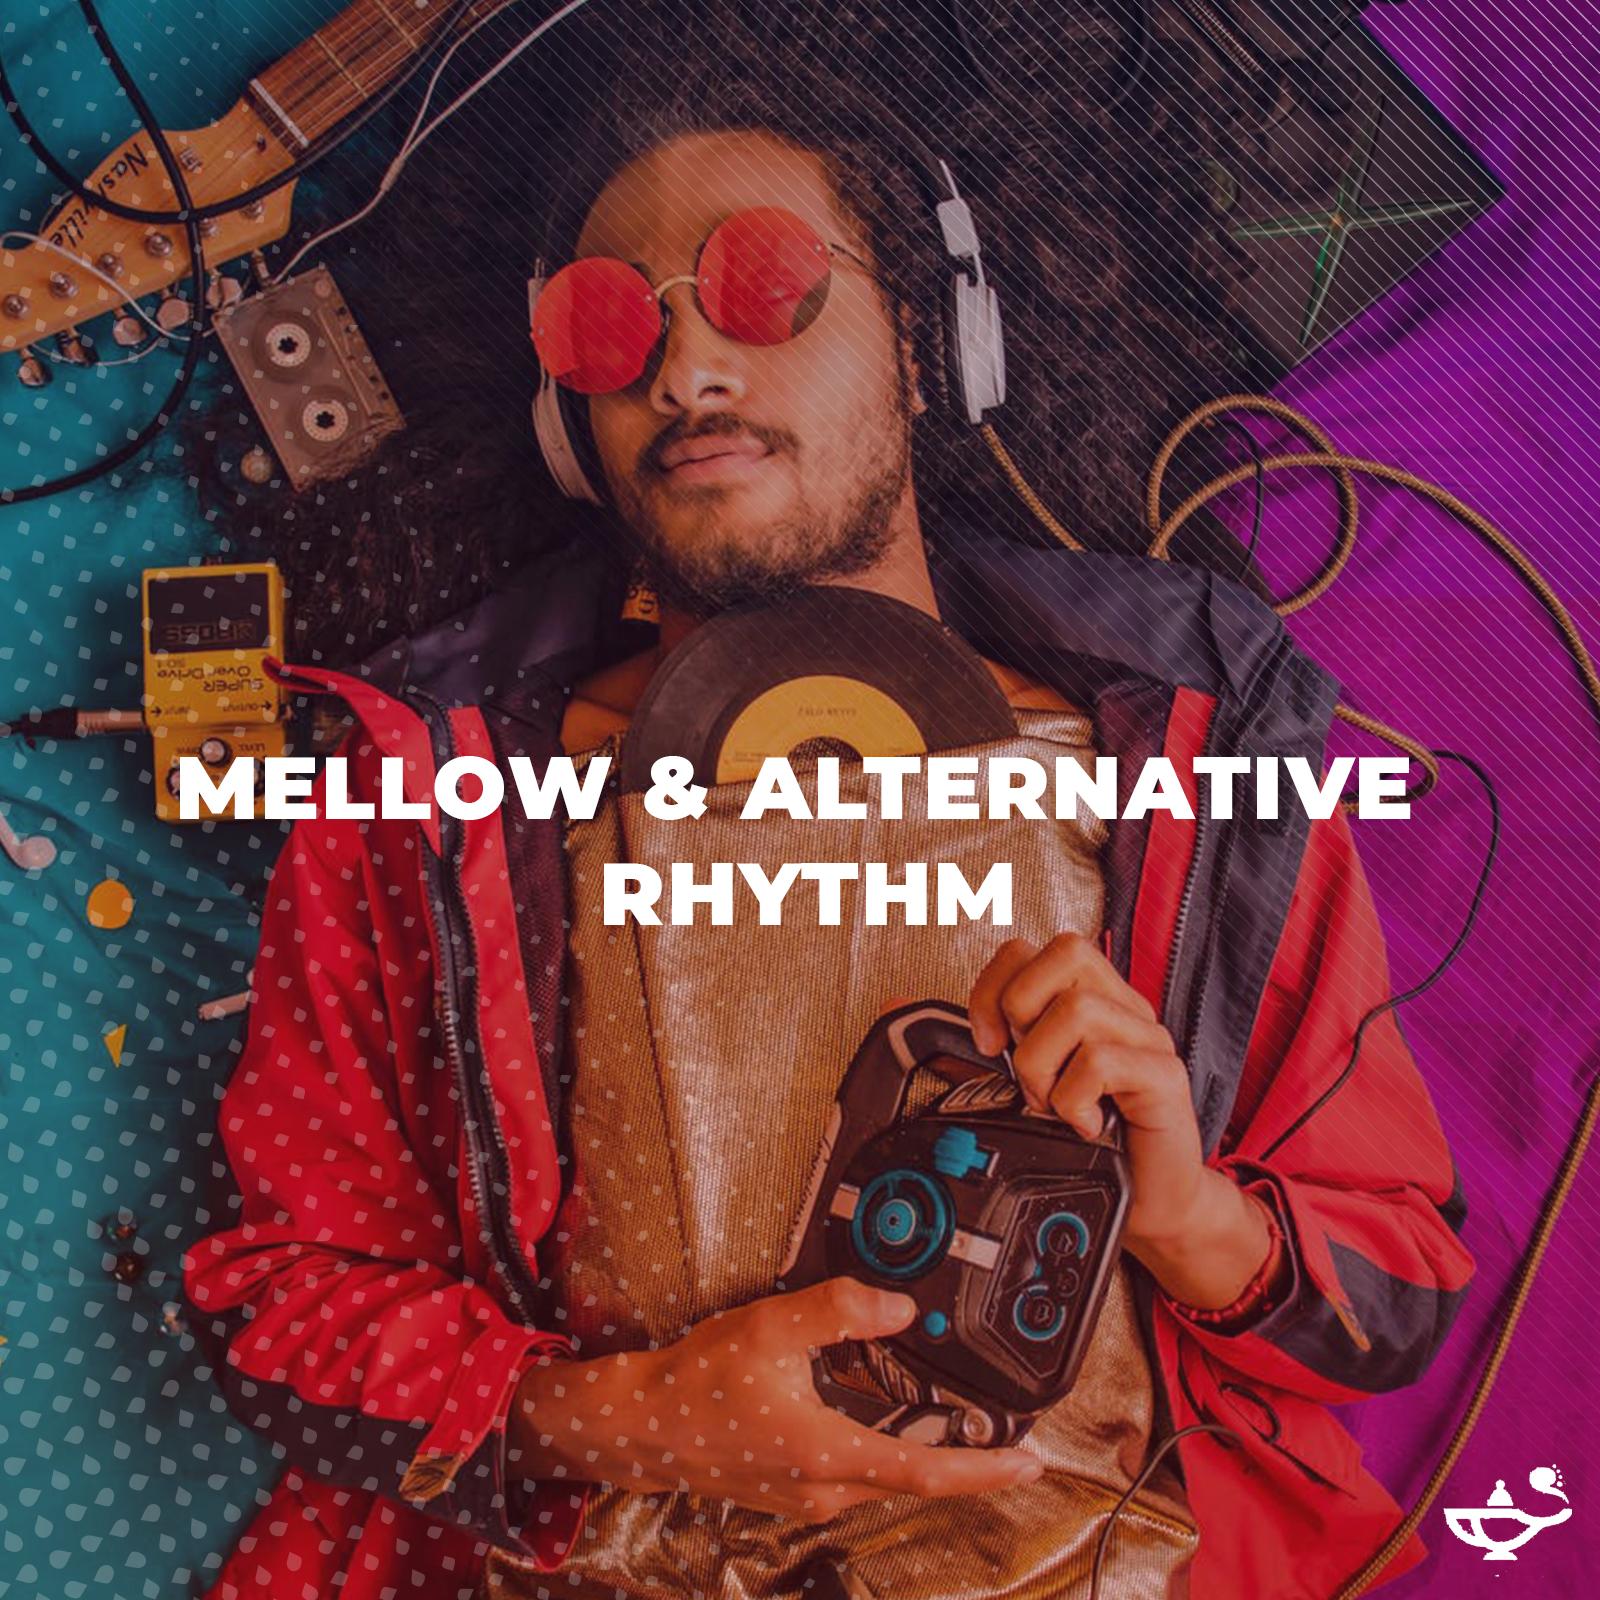 MELLOW & ALTERNATIVE RHYTHM PLAYLIST